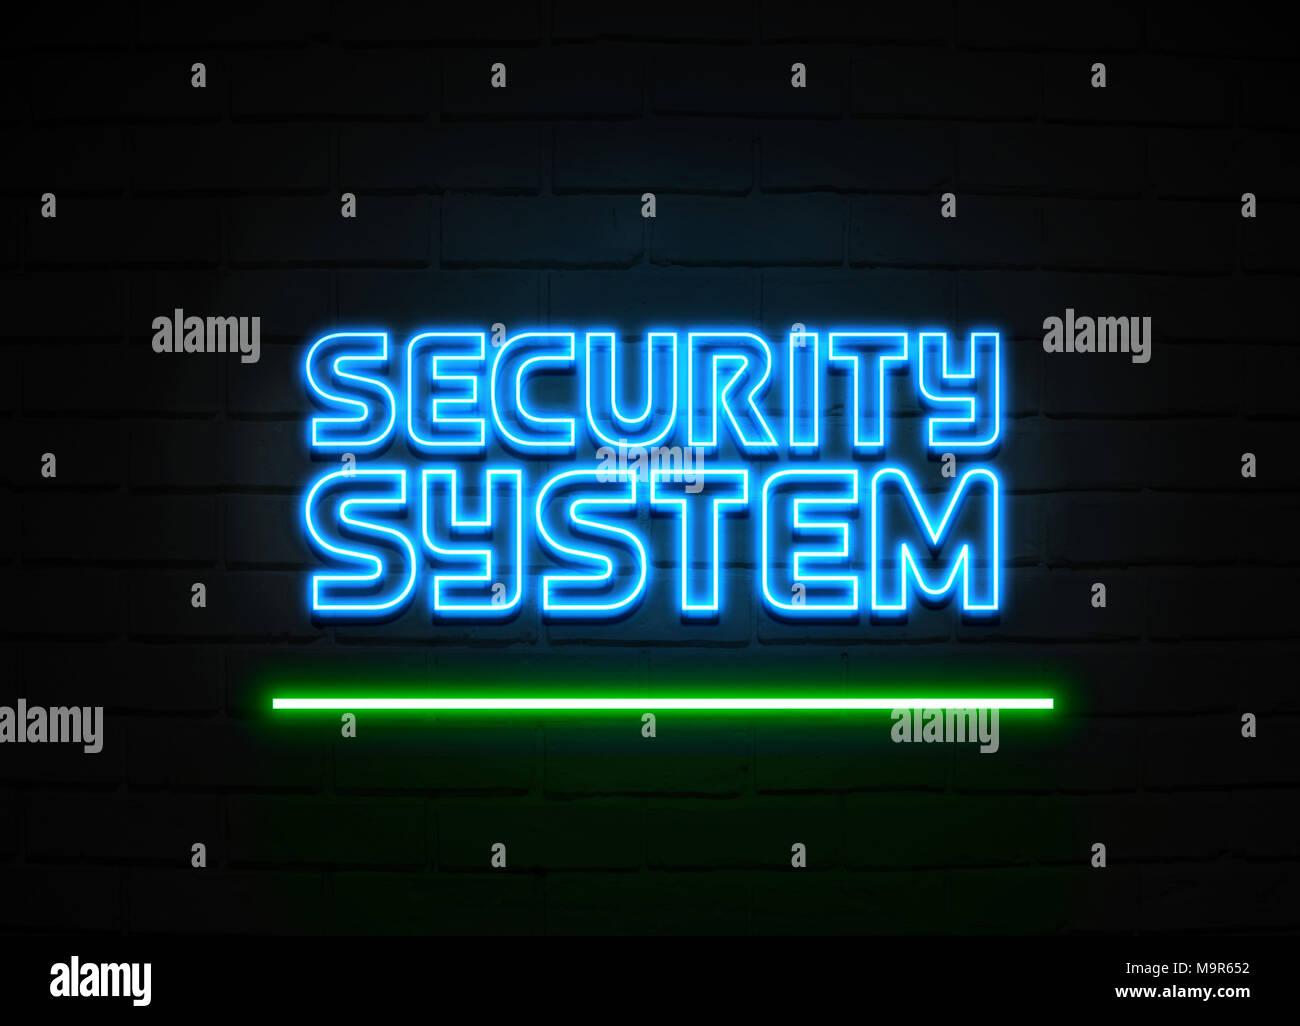 Neon A Accrocher Au Mur système de sécurité en néon - glowing neon sign sur mur